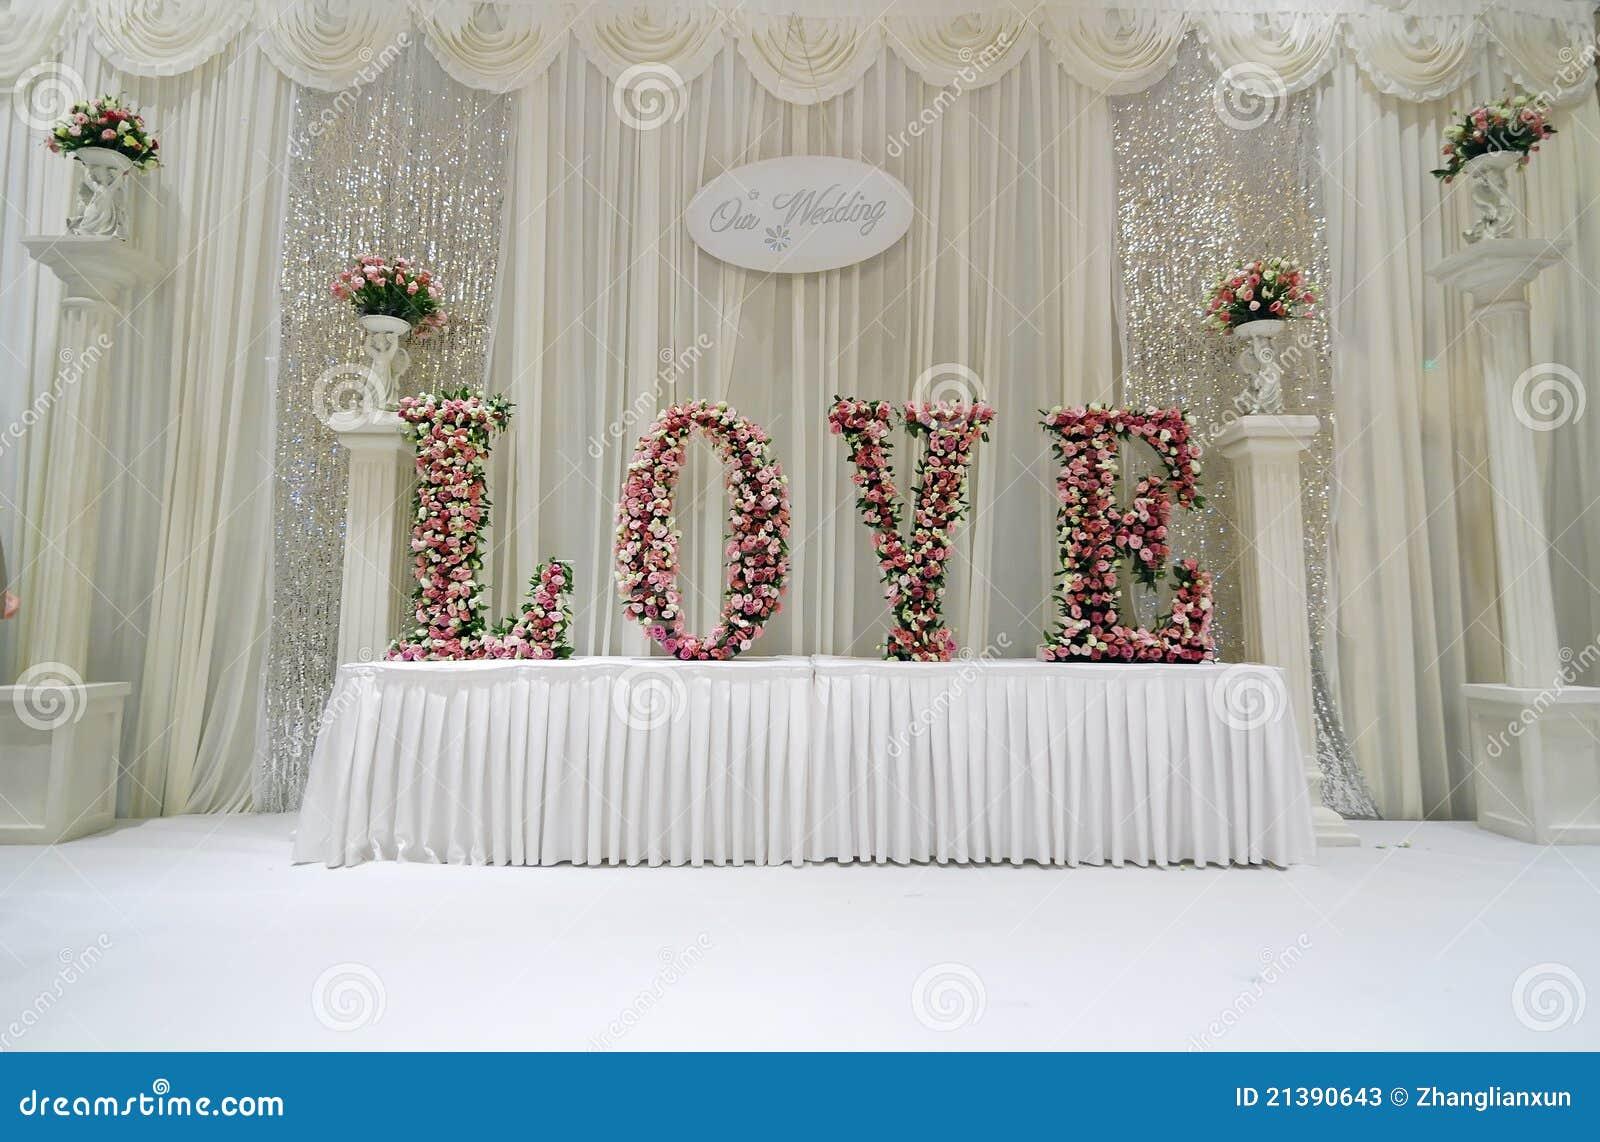 wedding stage stock image image of designing floral 21390643. Black Bedroom Furniture Sets. Home Design Ideas